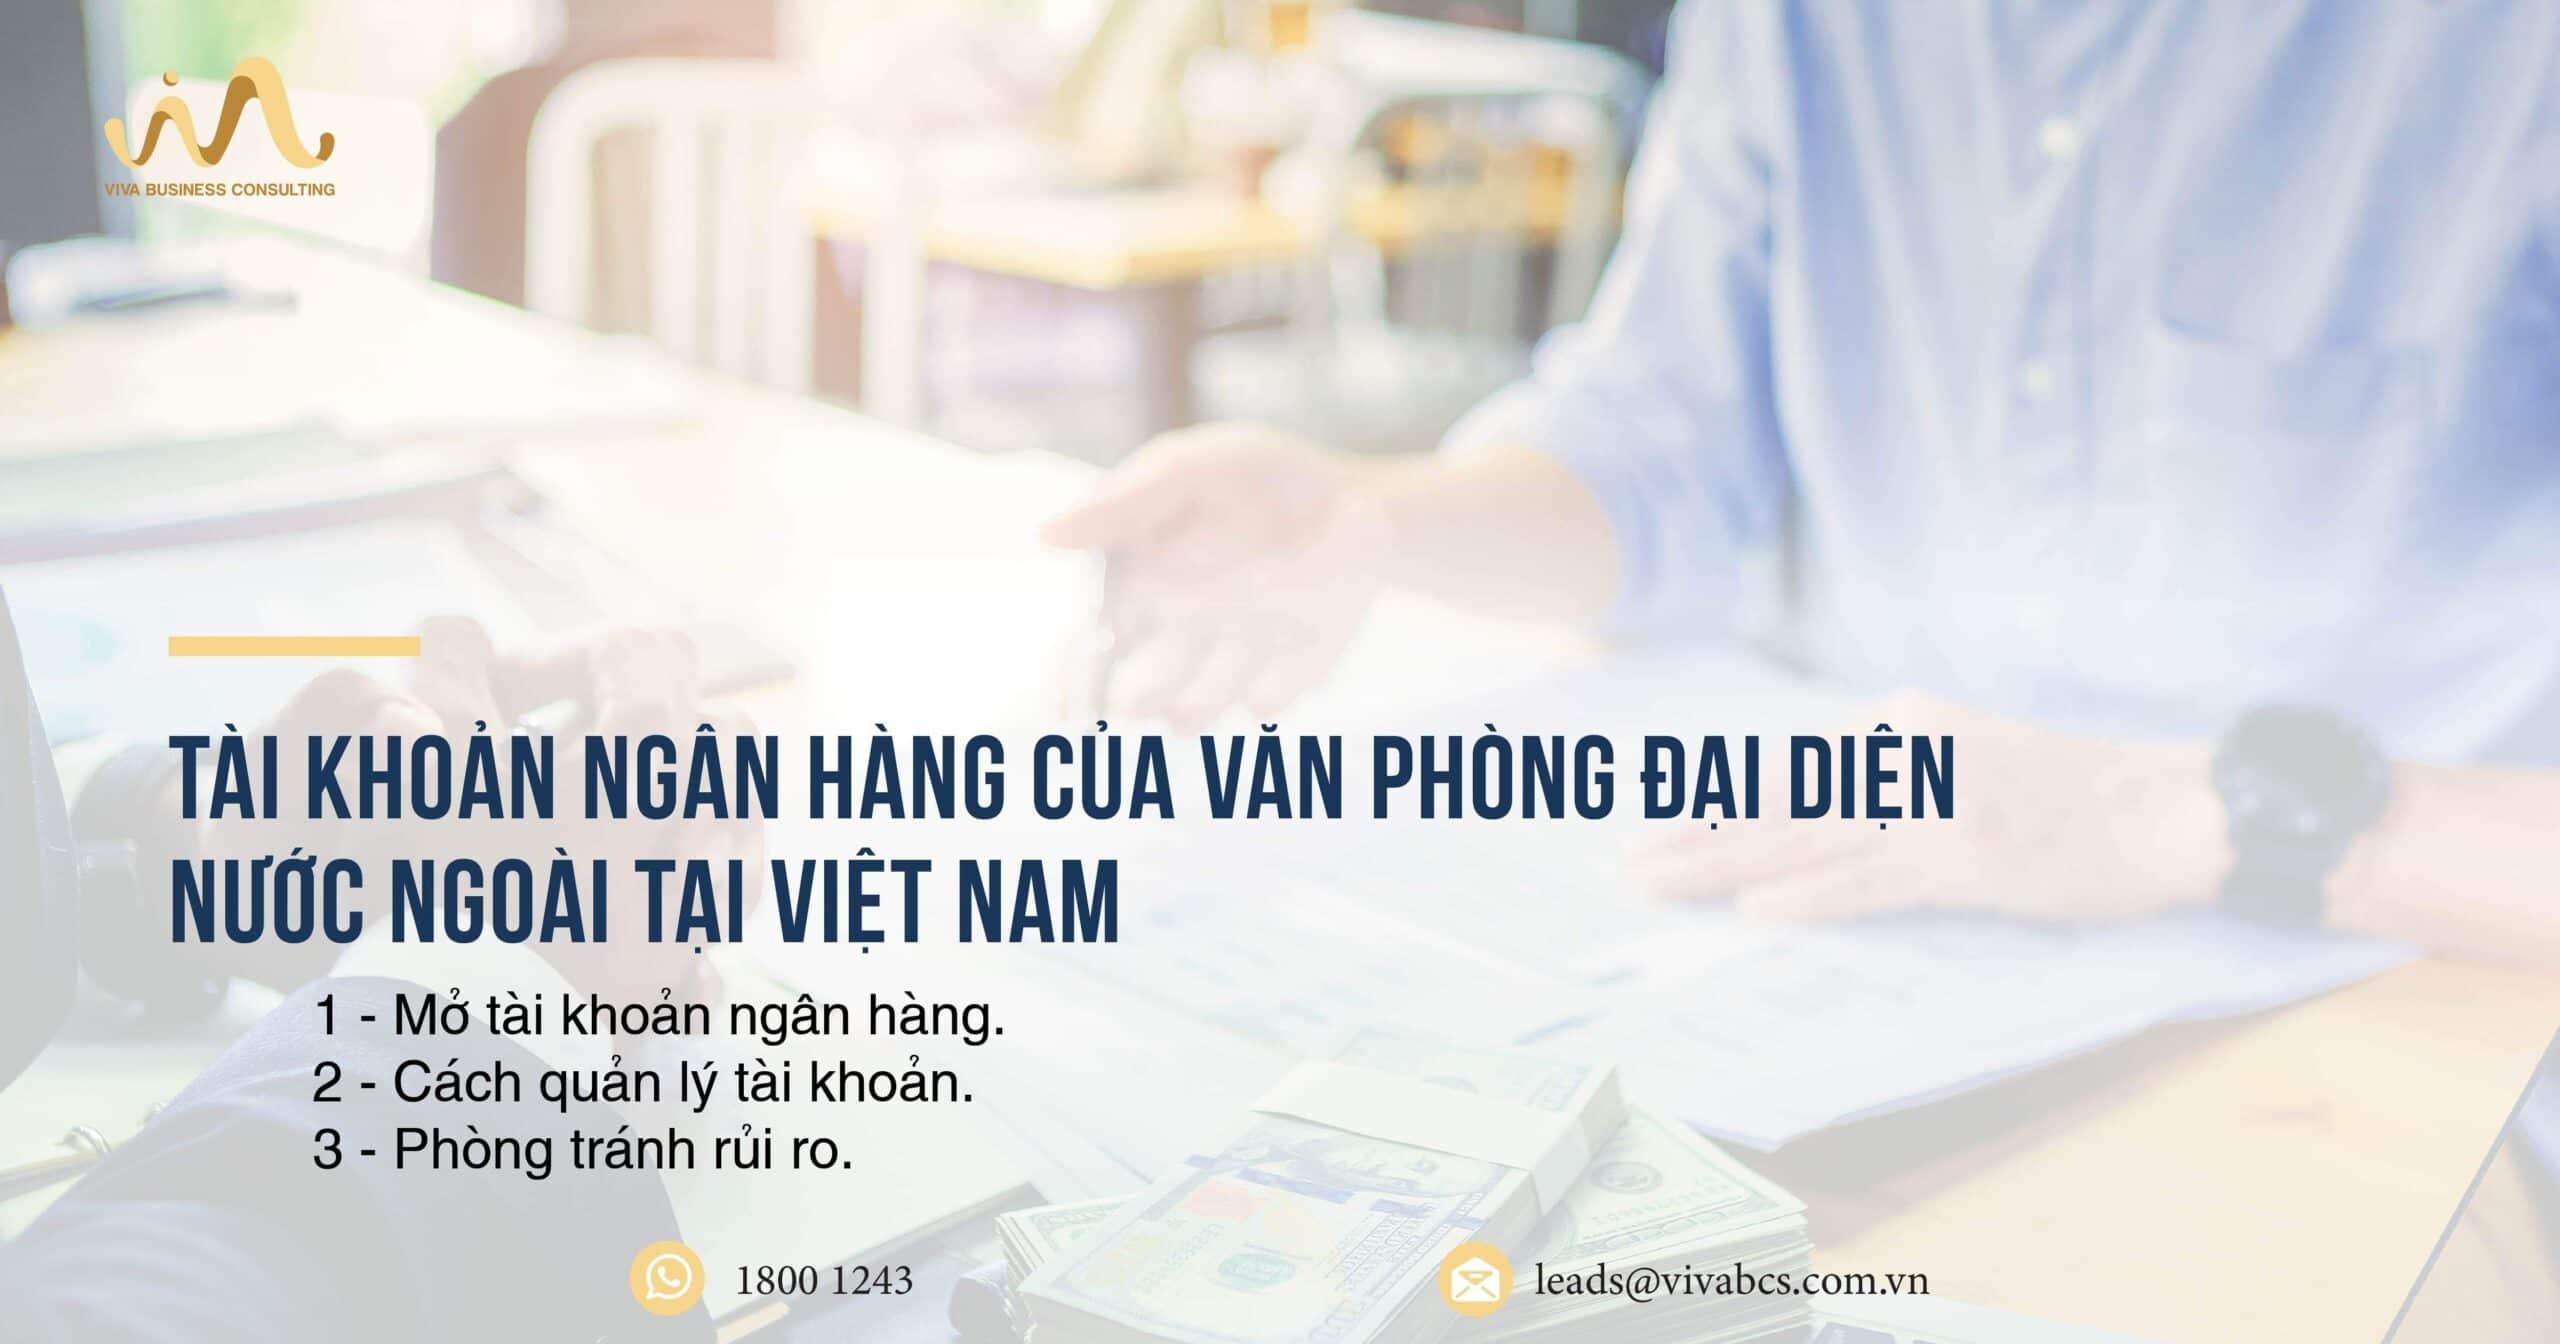 Tài khoản ngân hàng của văn phòng đại diện nước ngoài tại Việt Nam